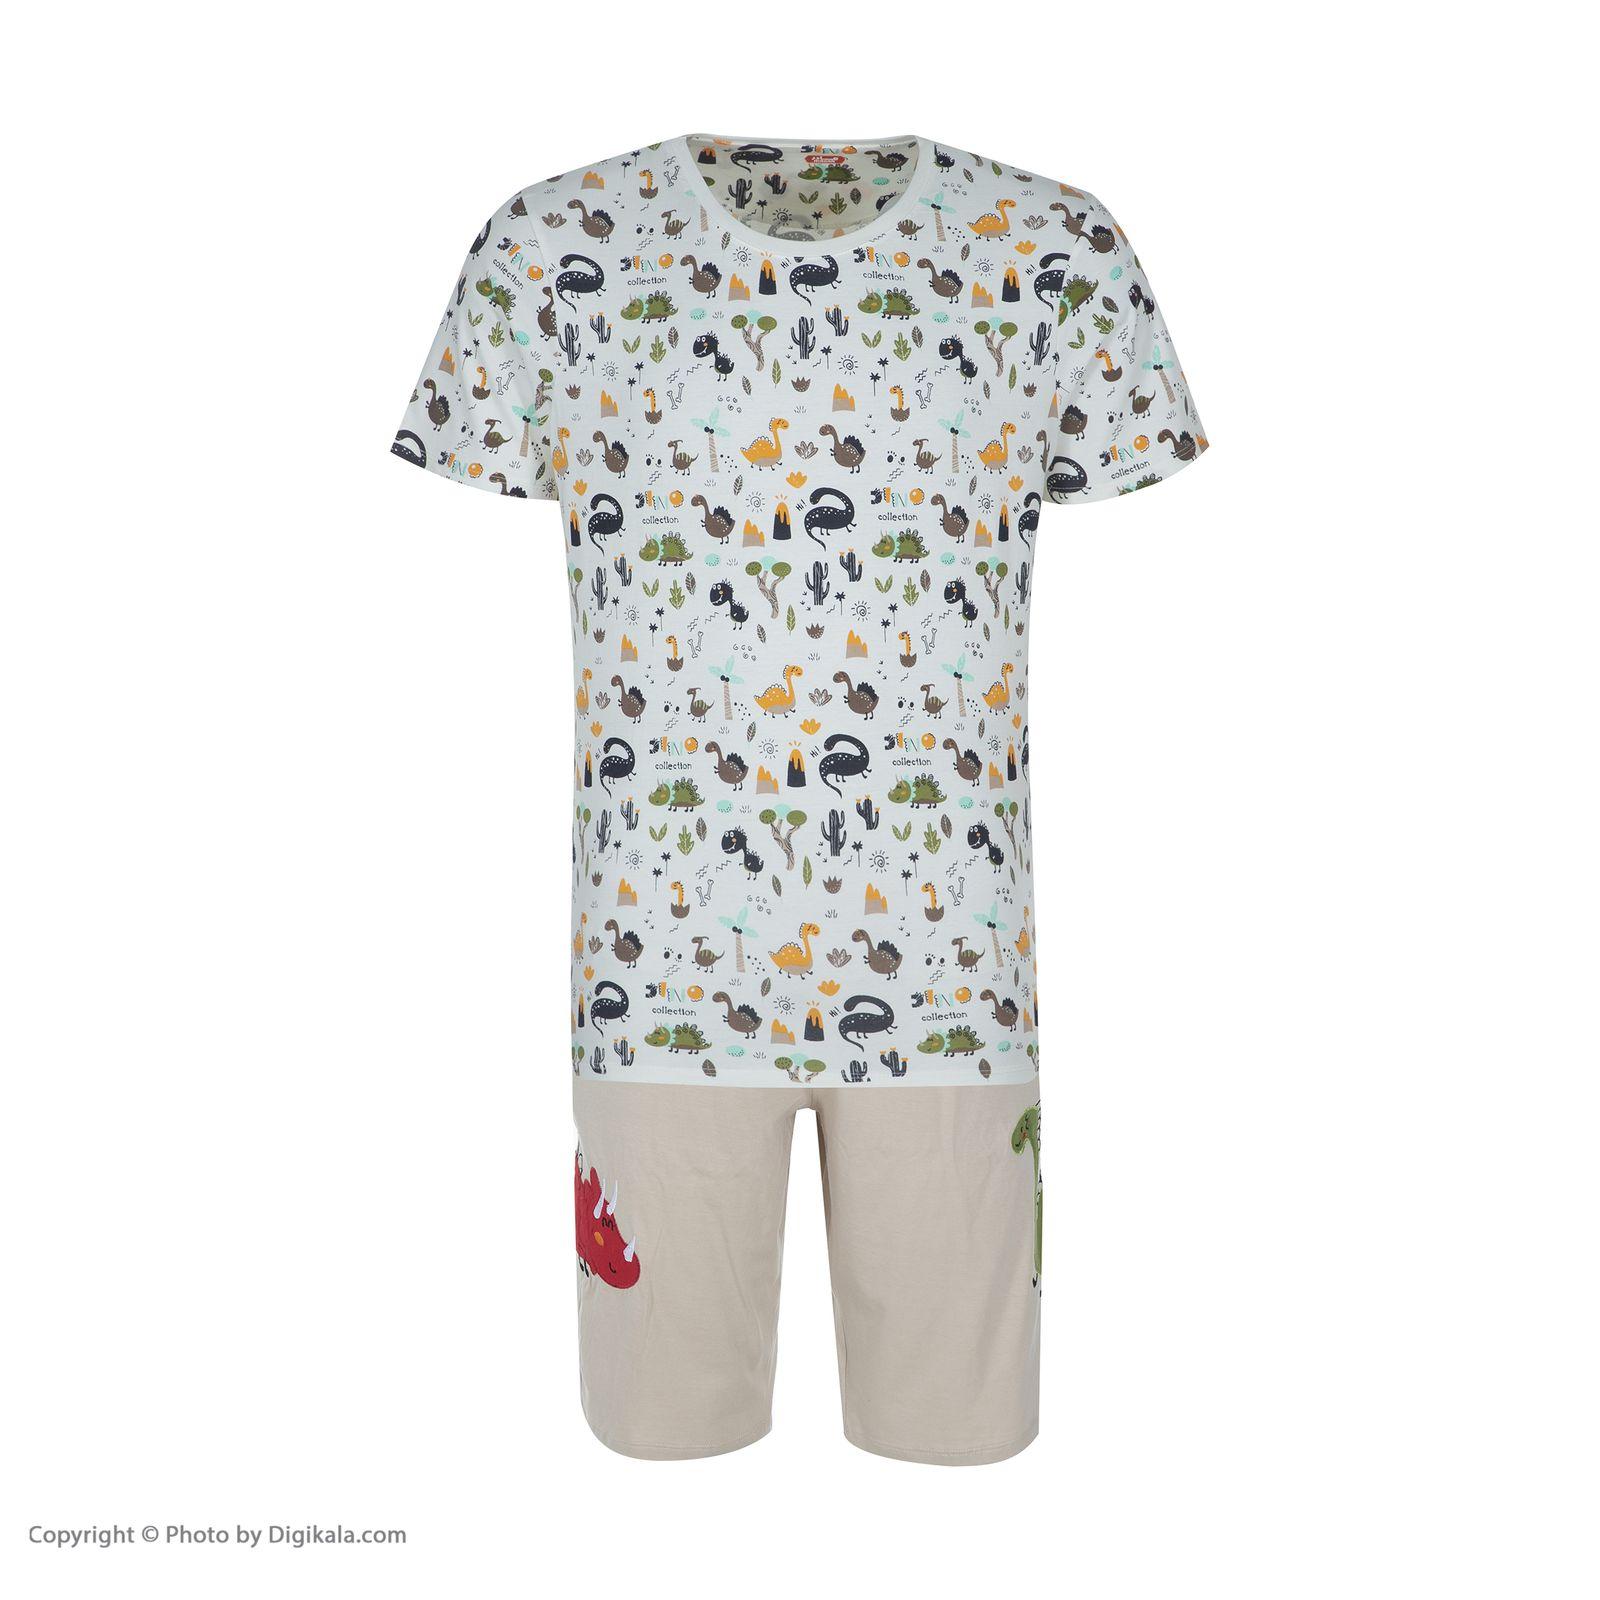 ست تی شرت و شلوارک راحتی مردانه مادر مدل 2041110-07 -  - 3